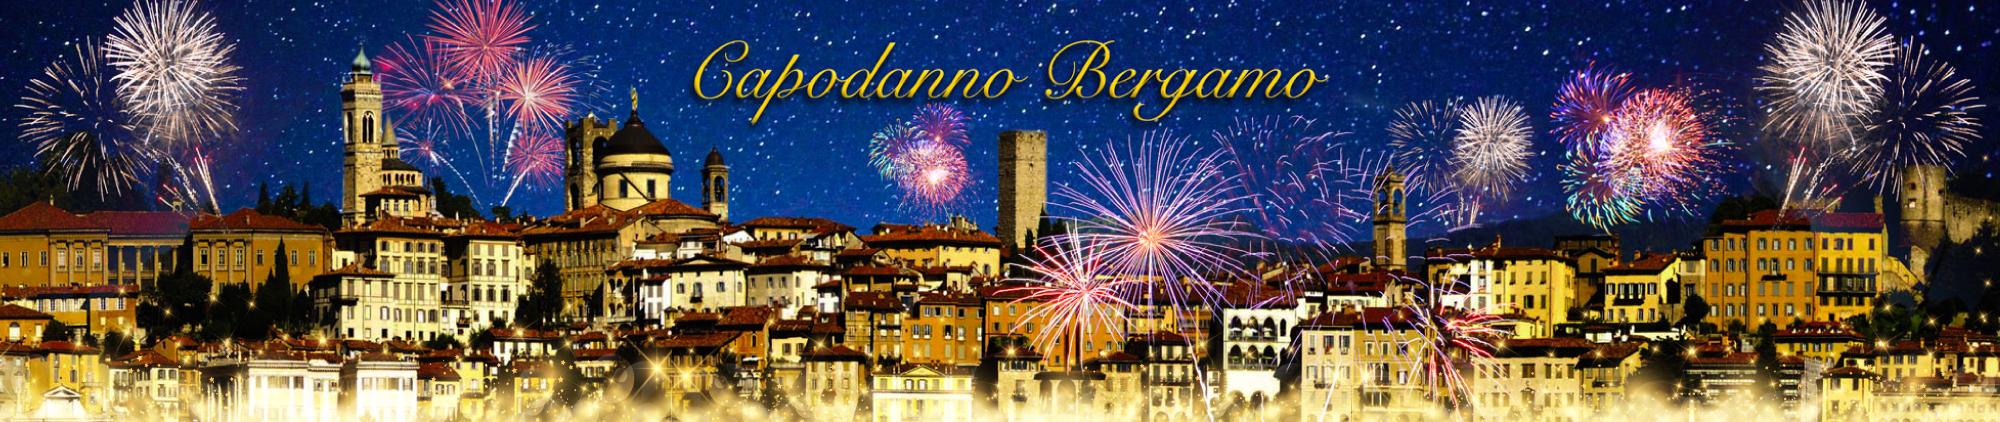 Capodanno Bergamo